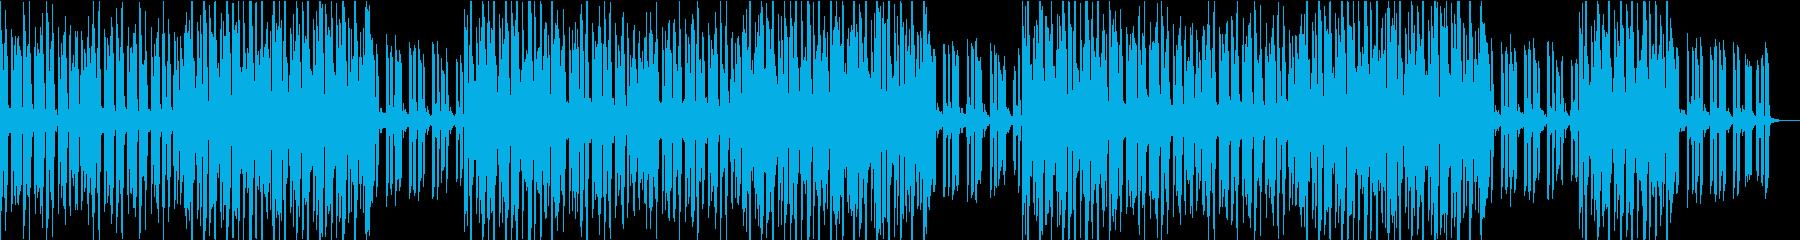 侵入、偵察、緊迫感がイメージのBGMの再生済みの波形